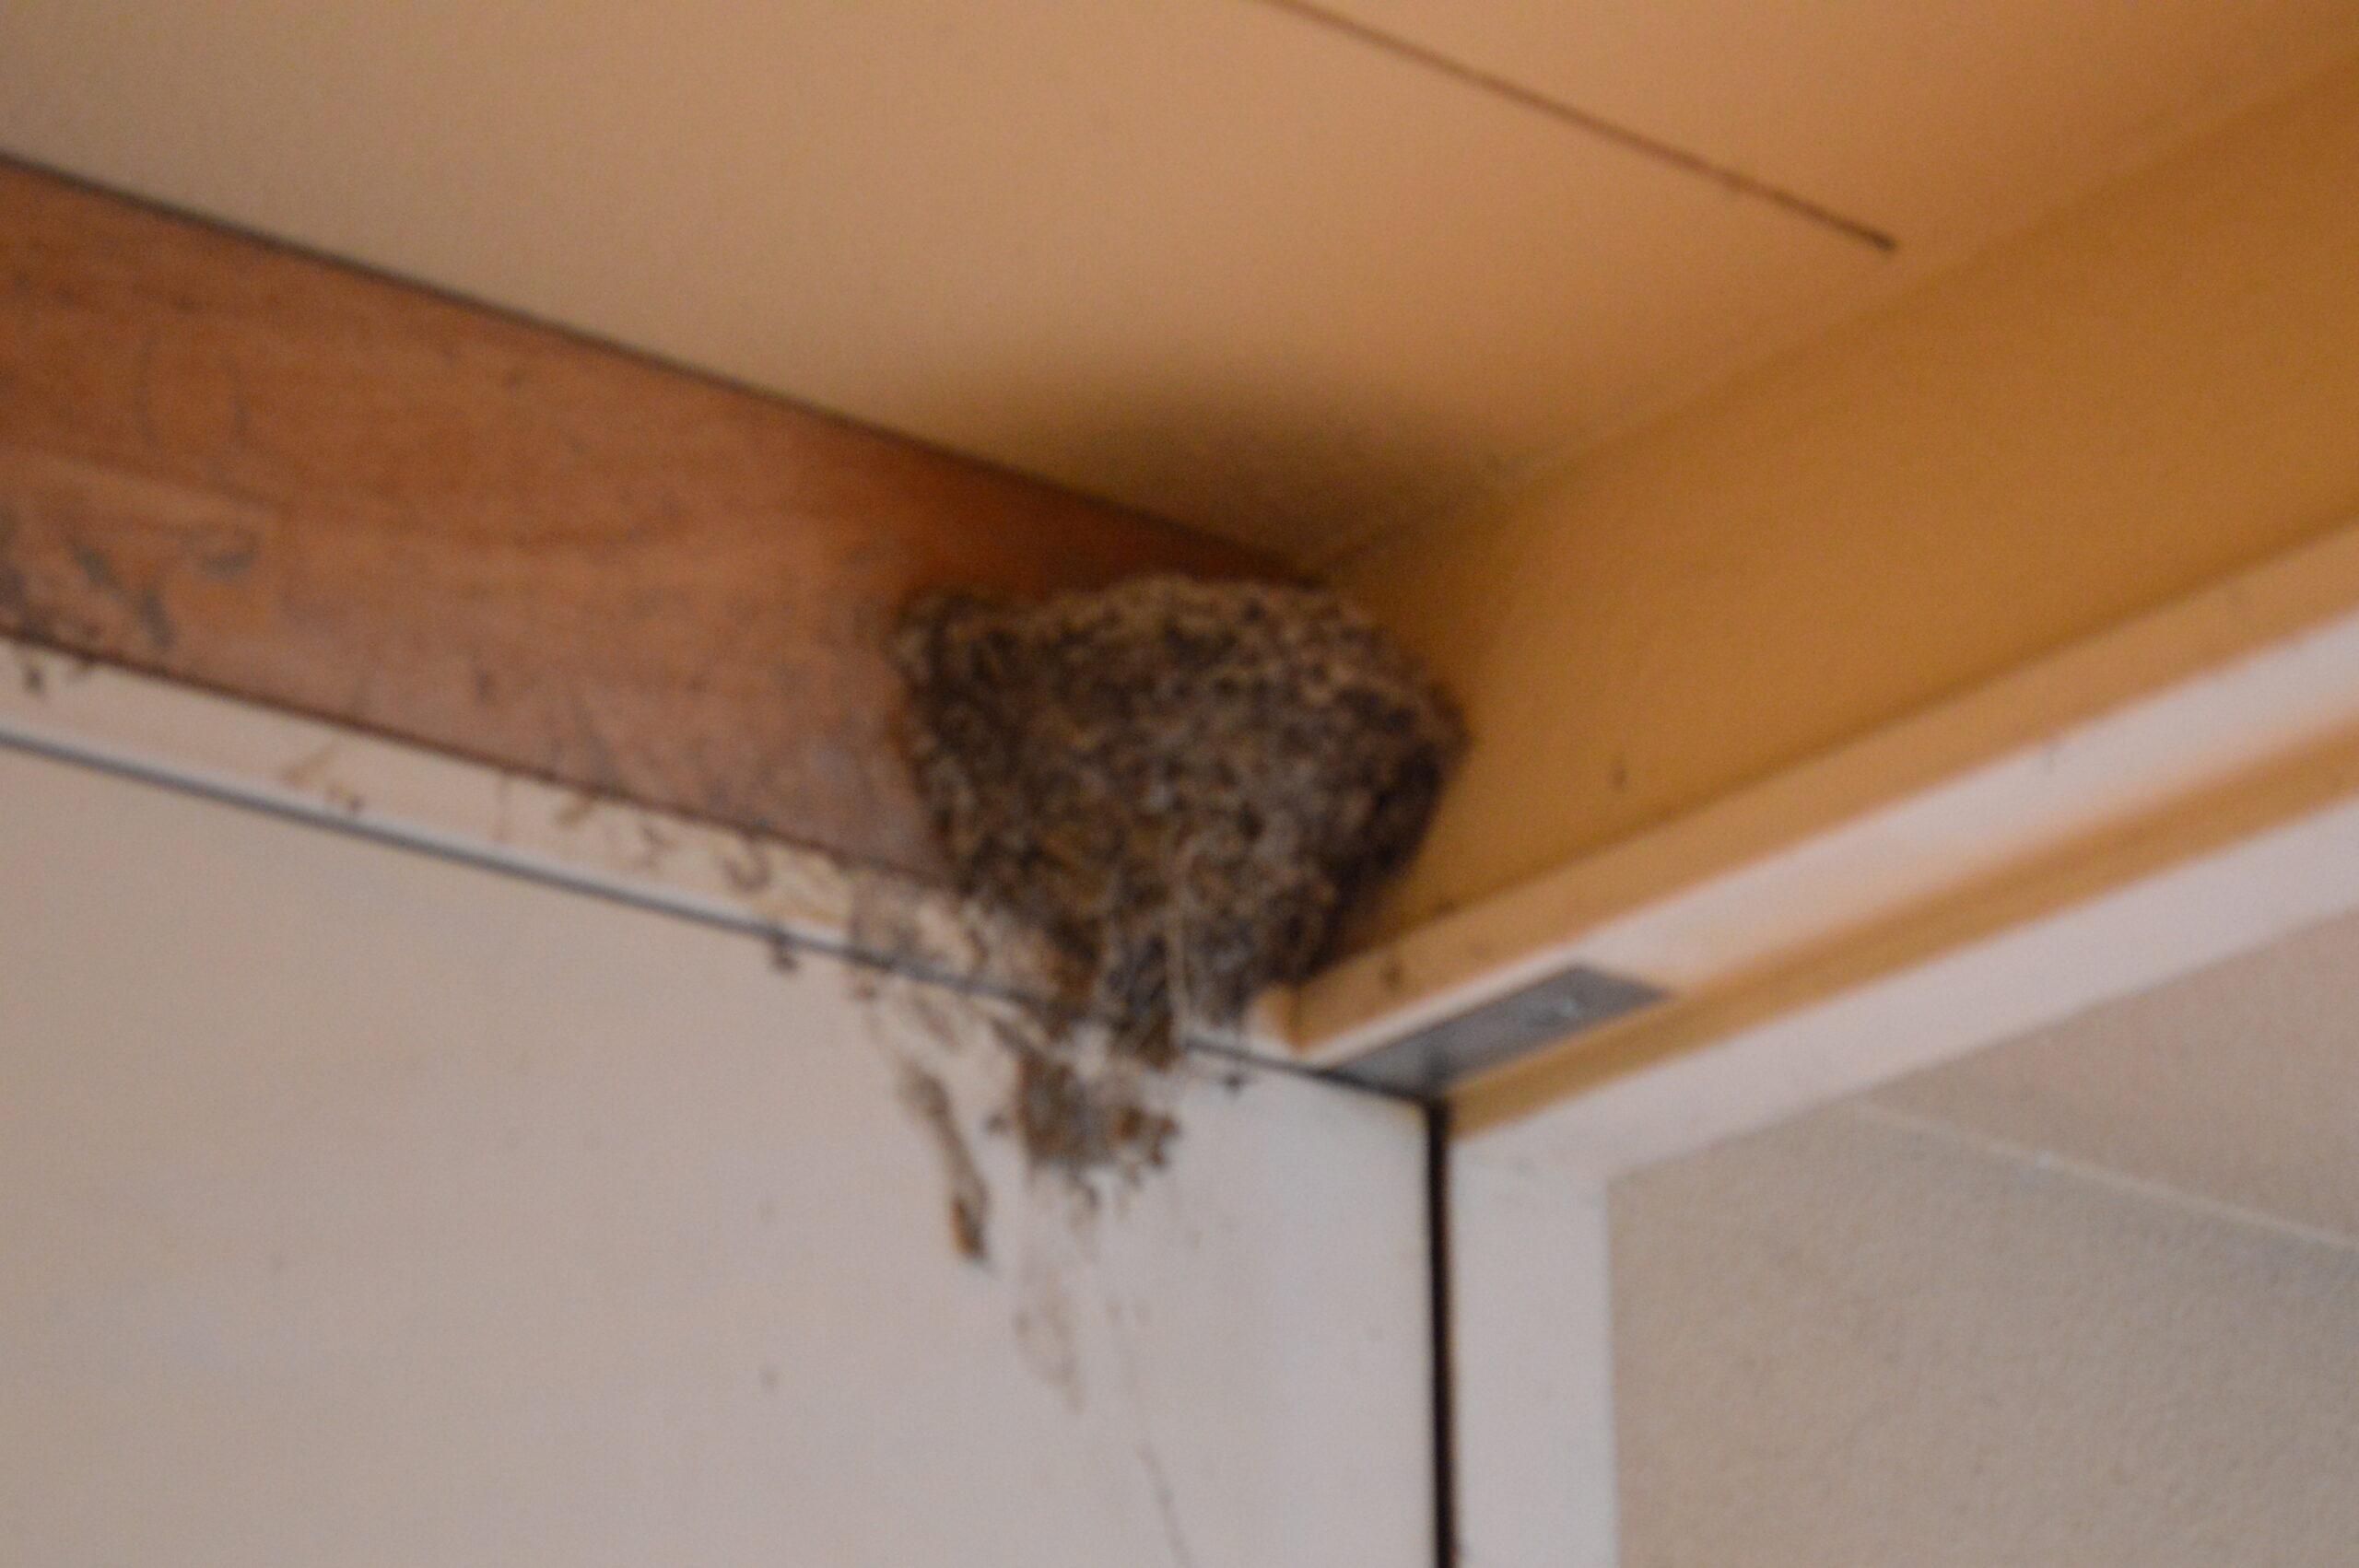 ツバメの巣page-visual ツバメの巣ビジュアル